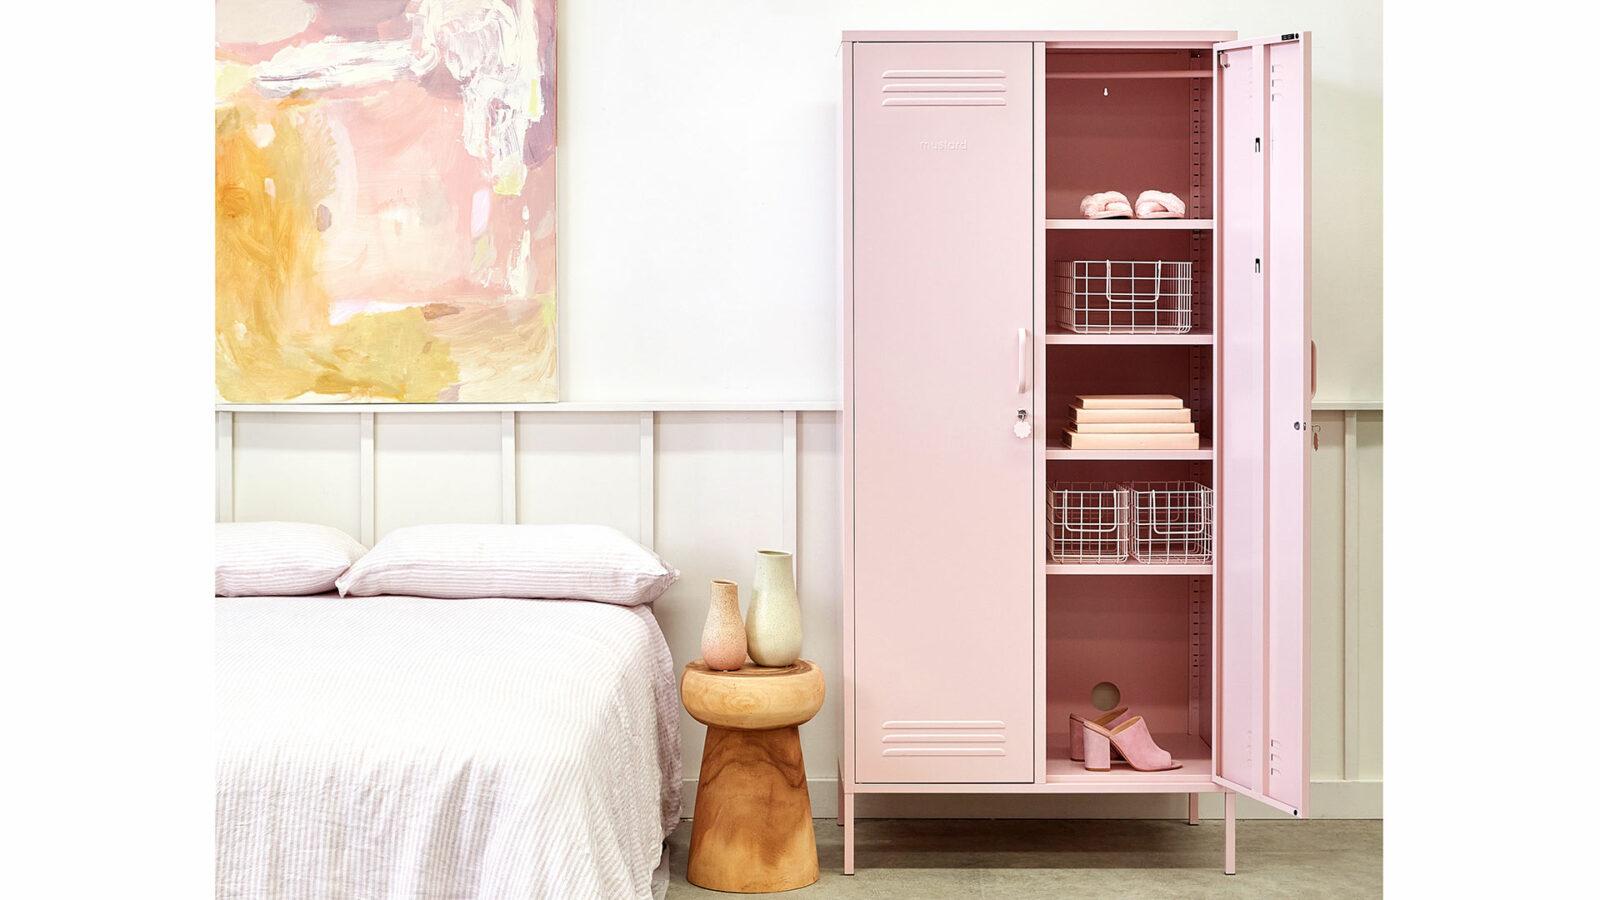 wardrobe storage locker in blush pink shown with one door open